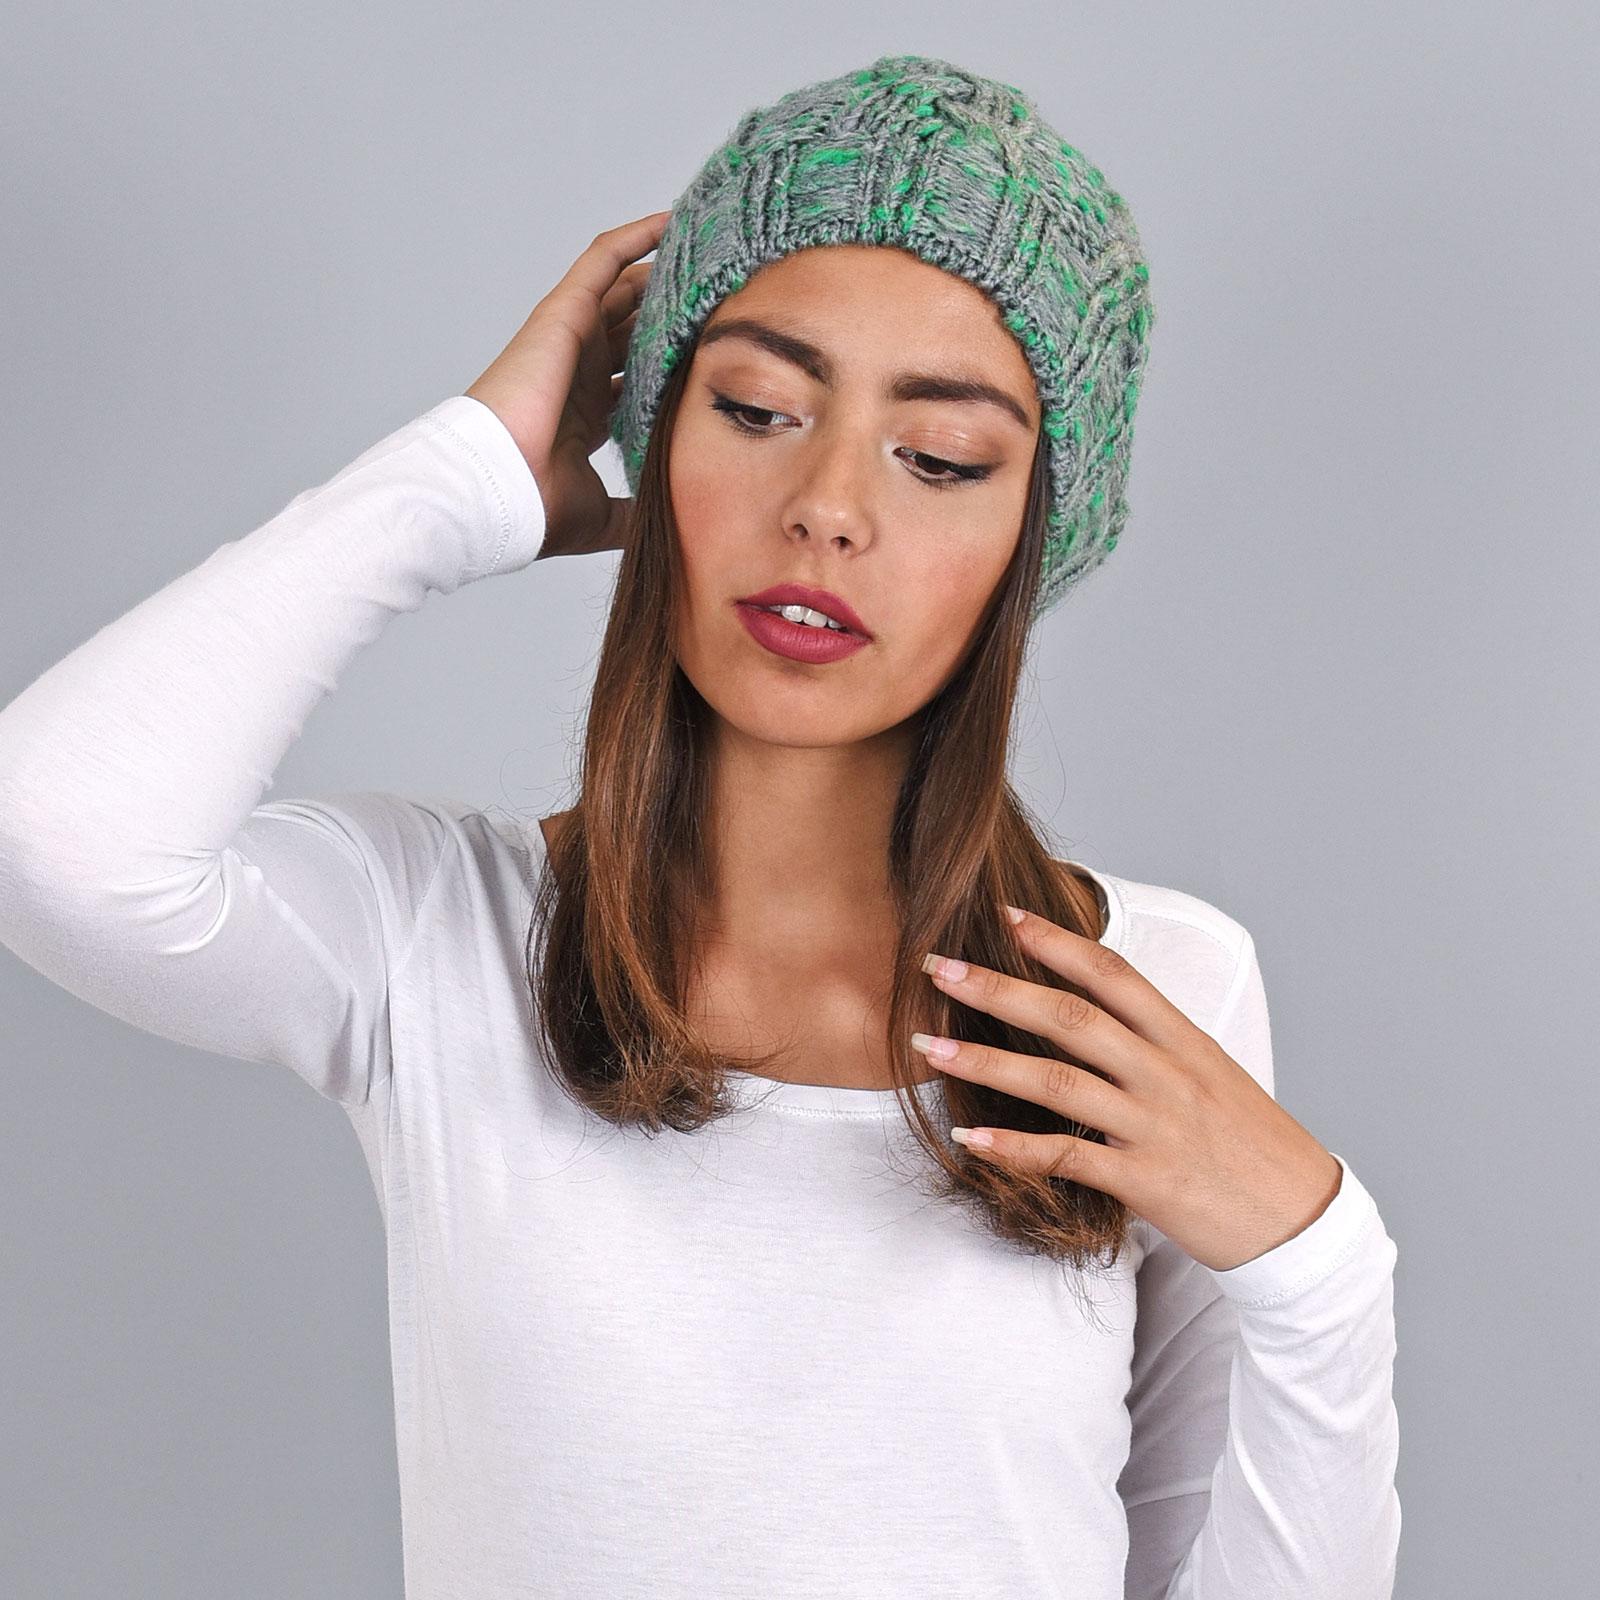 CP-00786-VF16-1-bonnet-chaud-gris-vert